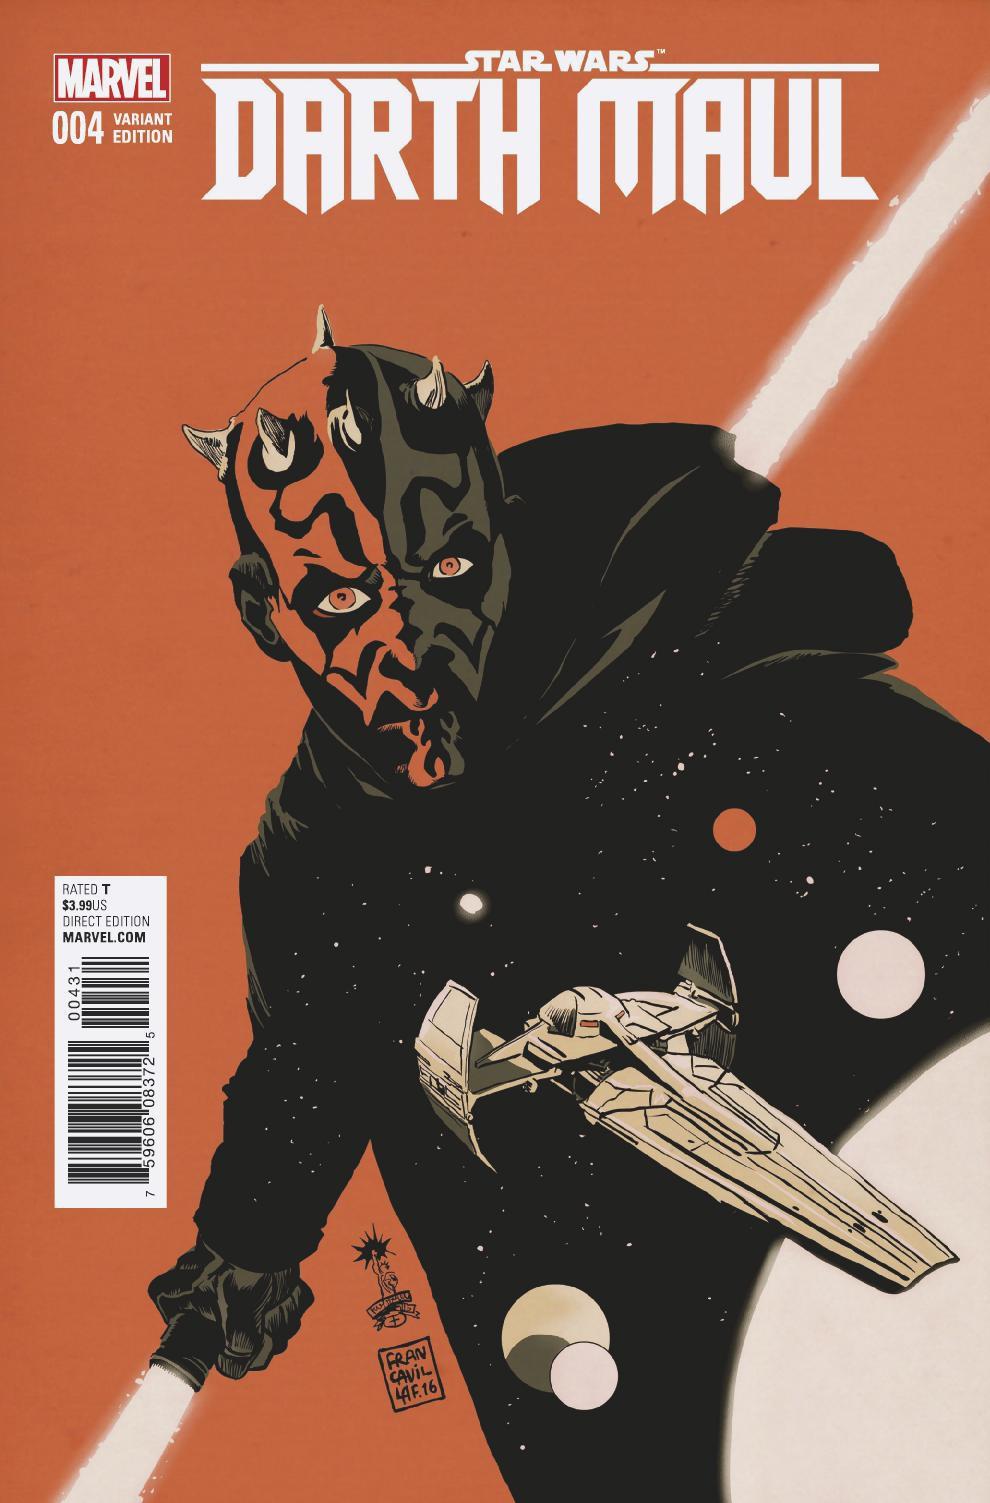 Star Wars Darth Maul Vol 1 4 Francavilla Variant.jpg